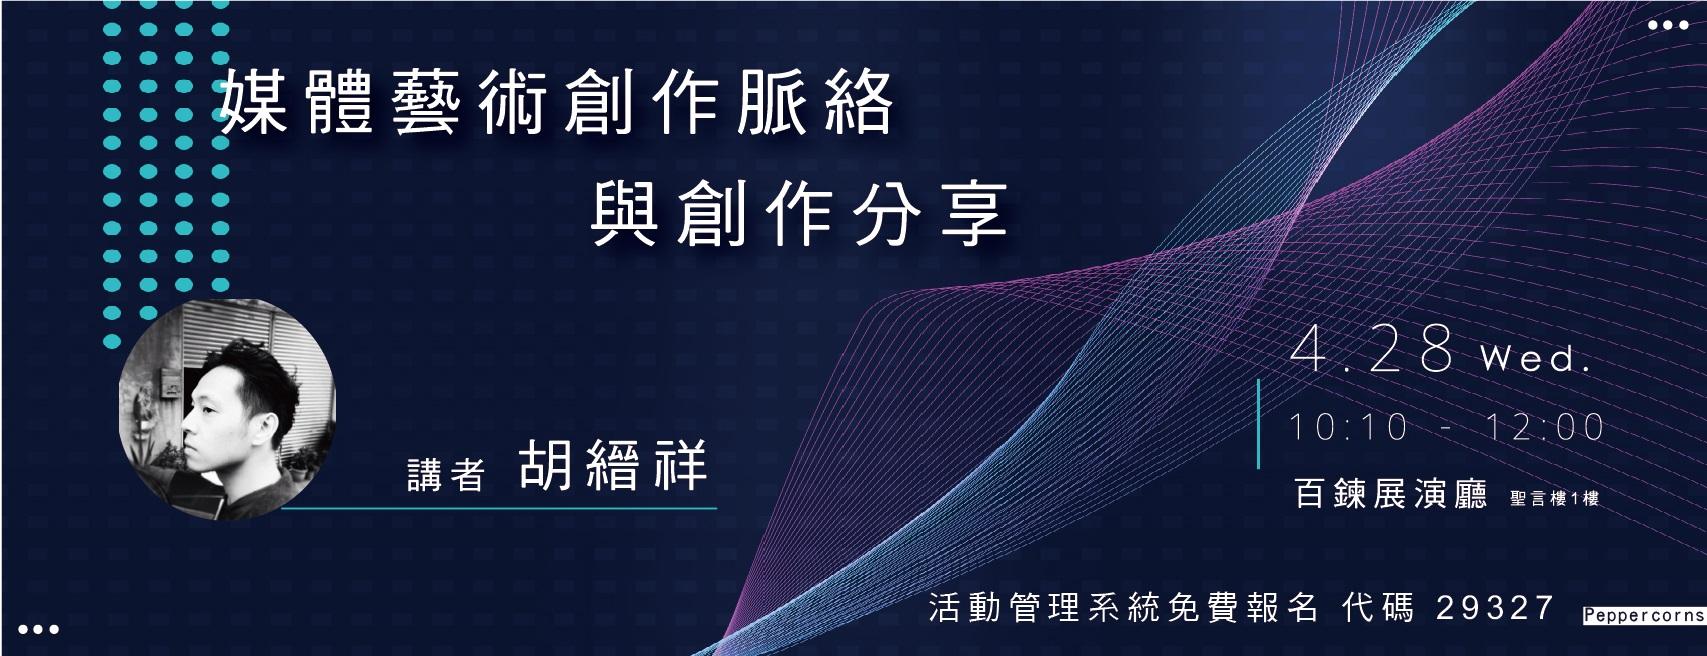 劉阿昌&打幫你樂團《台灣歌謠的傳統與現代》音樂講座